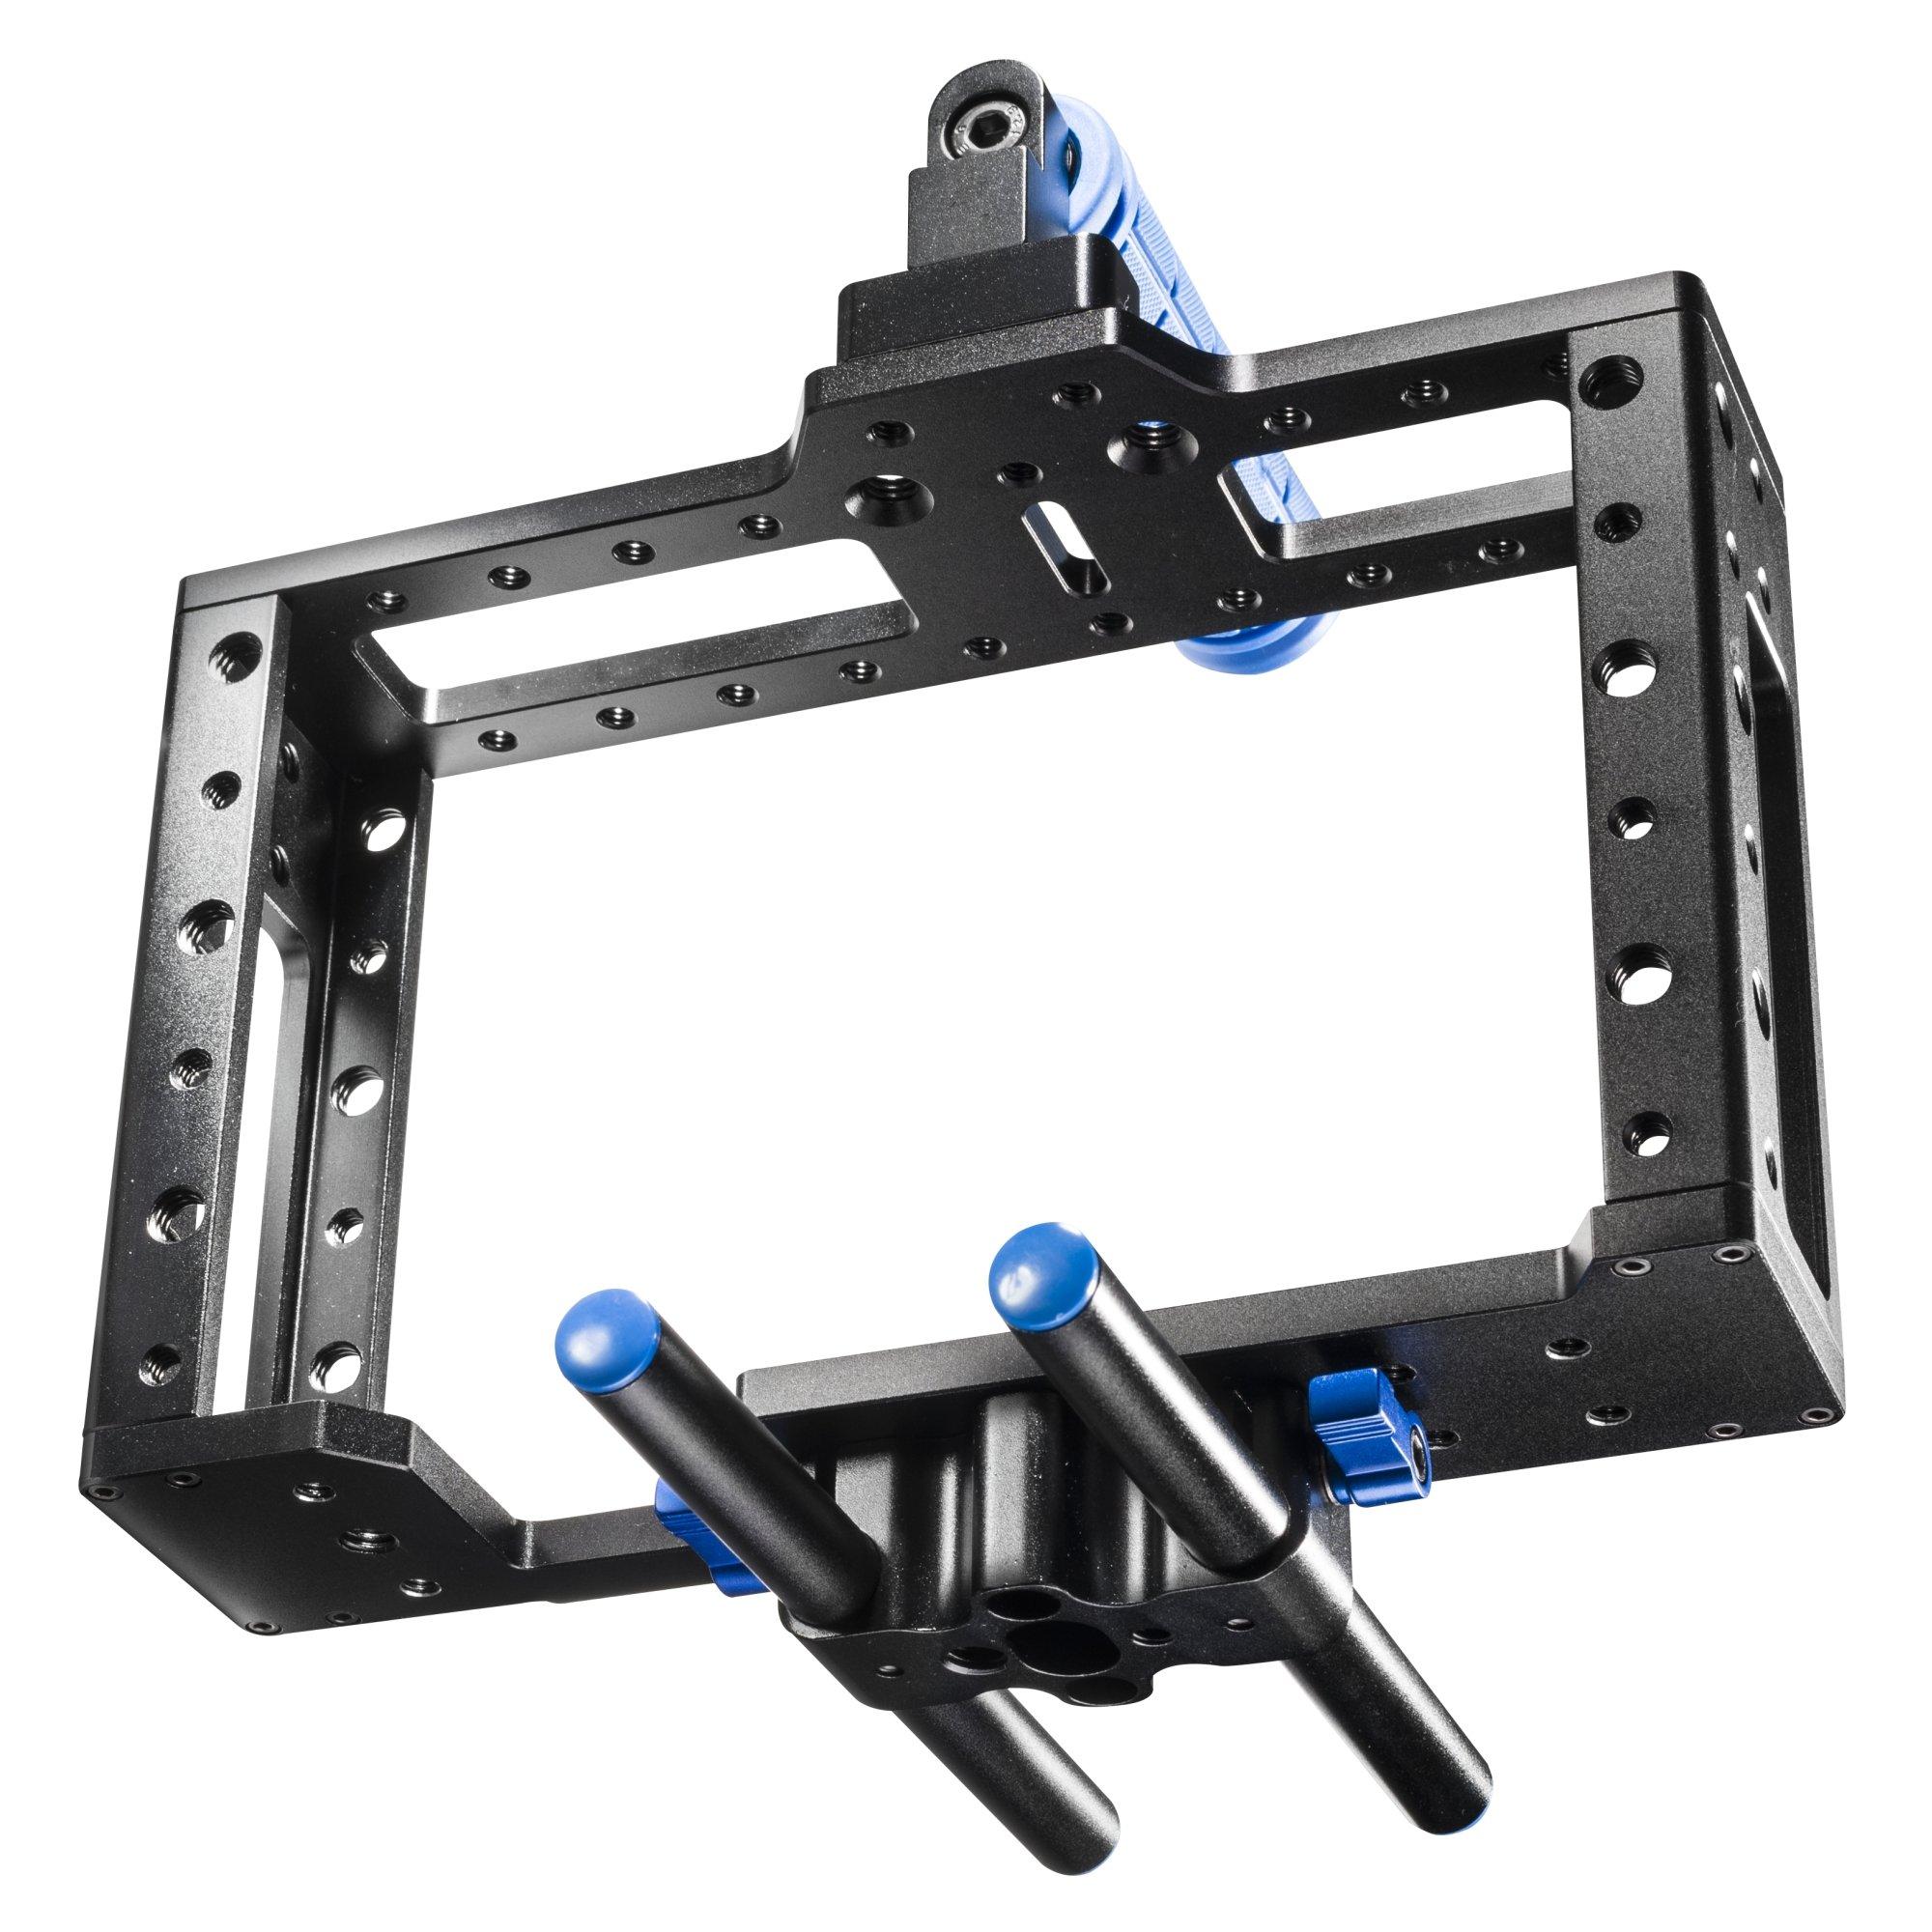 Walimex Pro Dslr Cage Video Käfig Für Nikon D800 Und Kamera